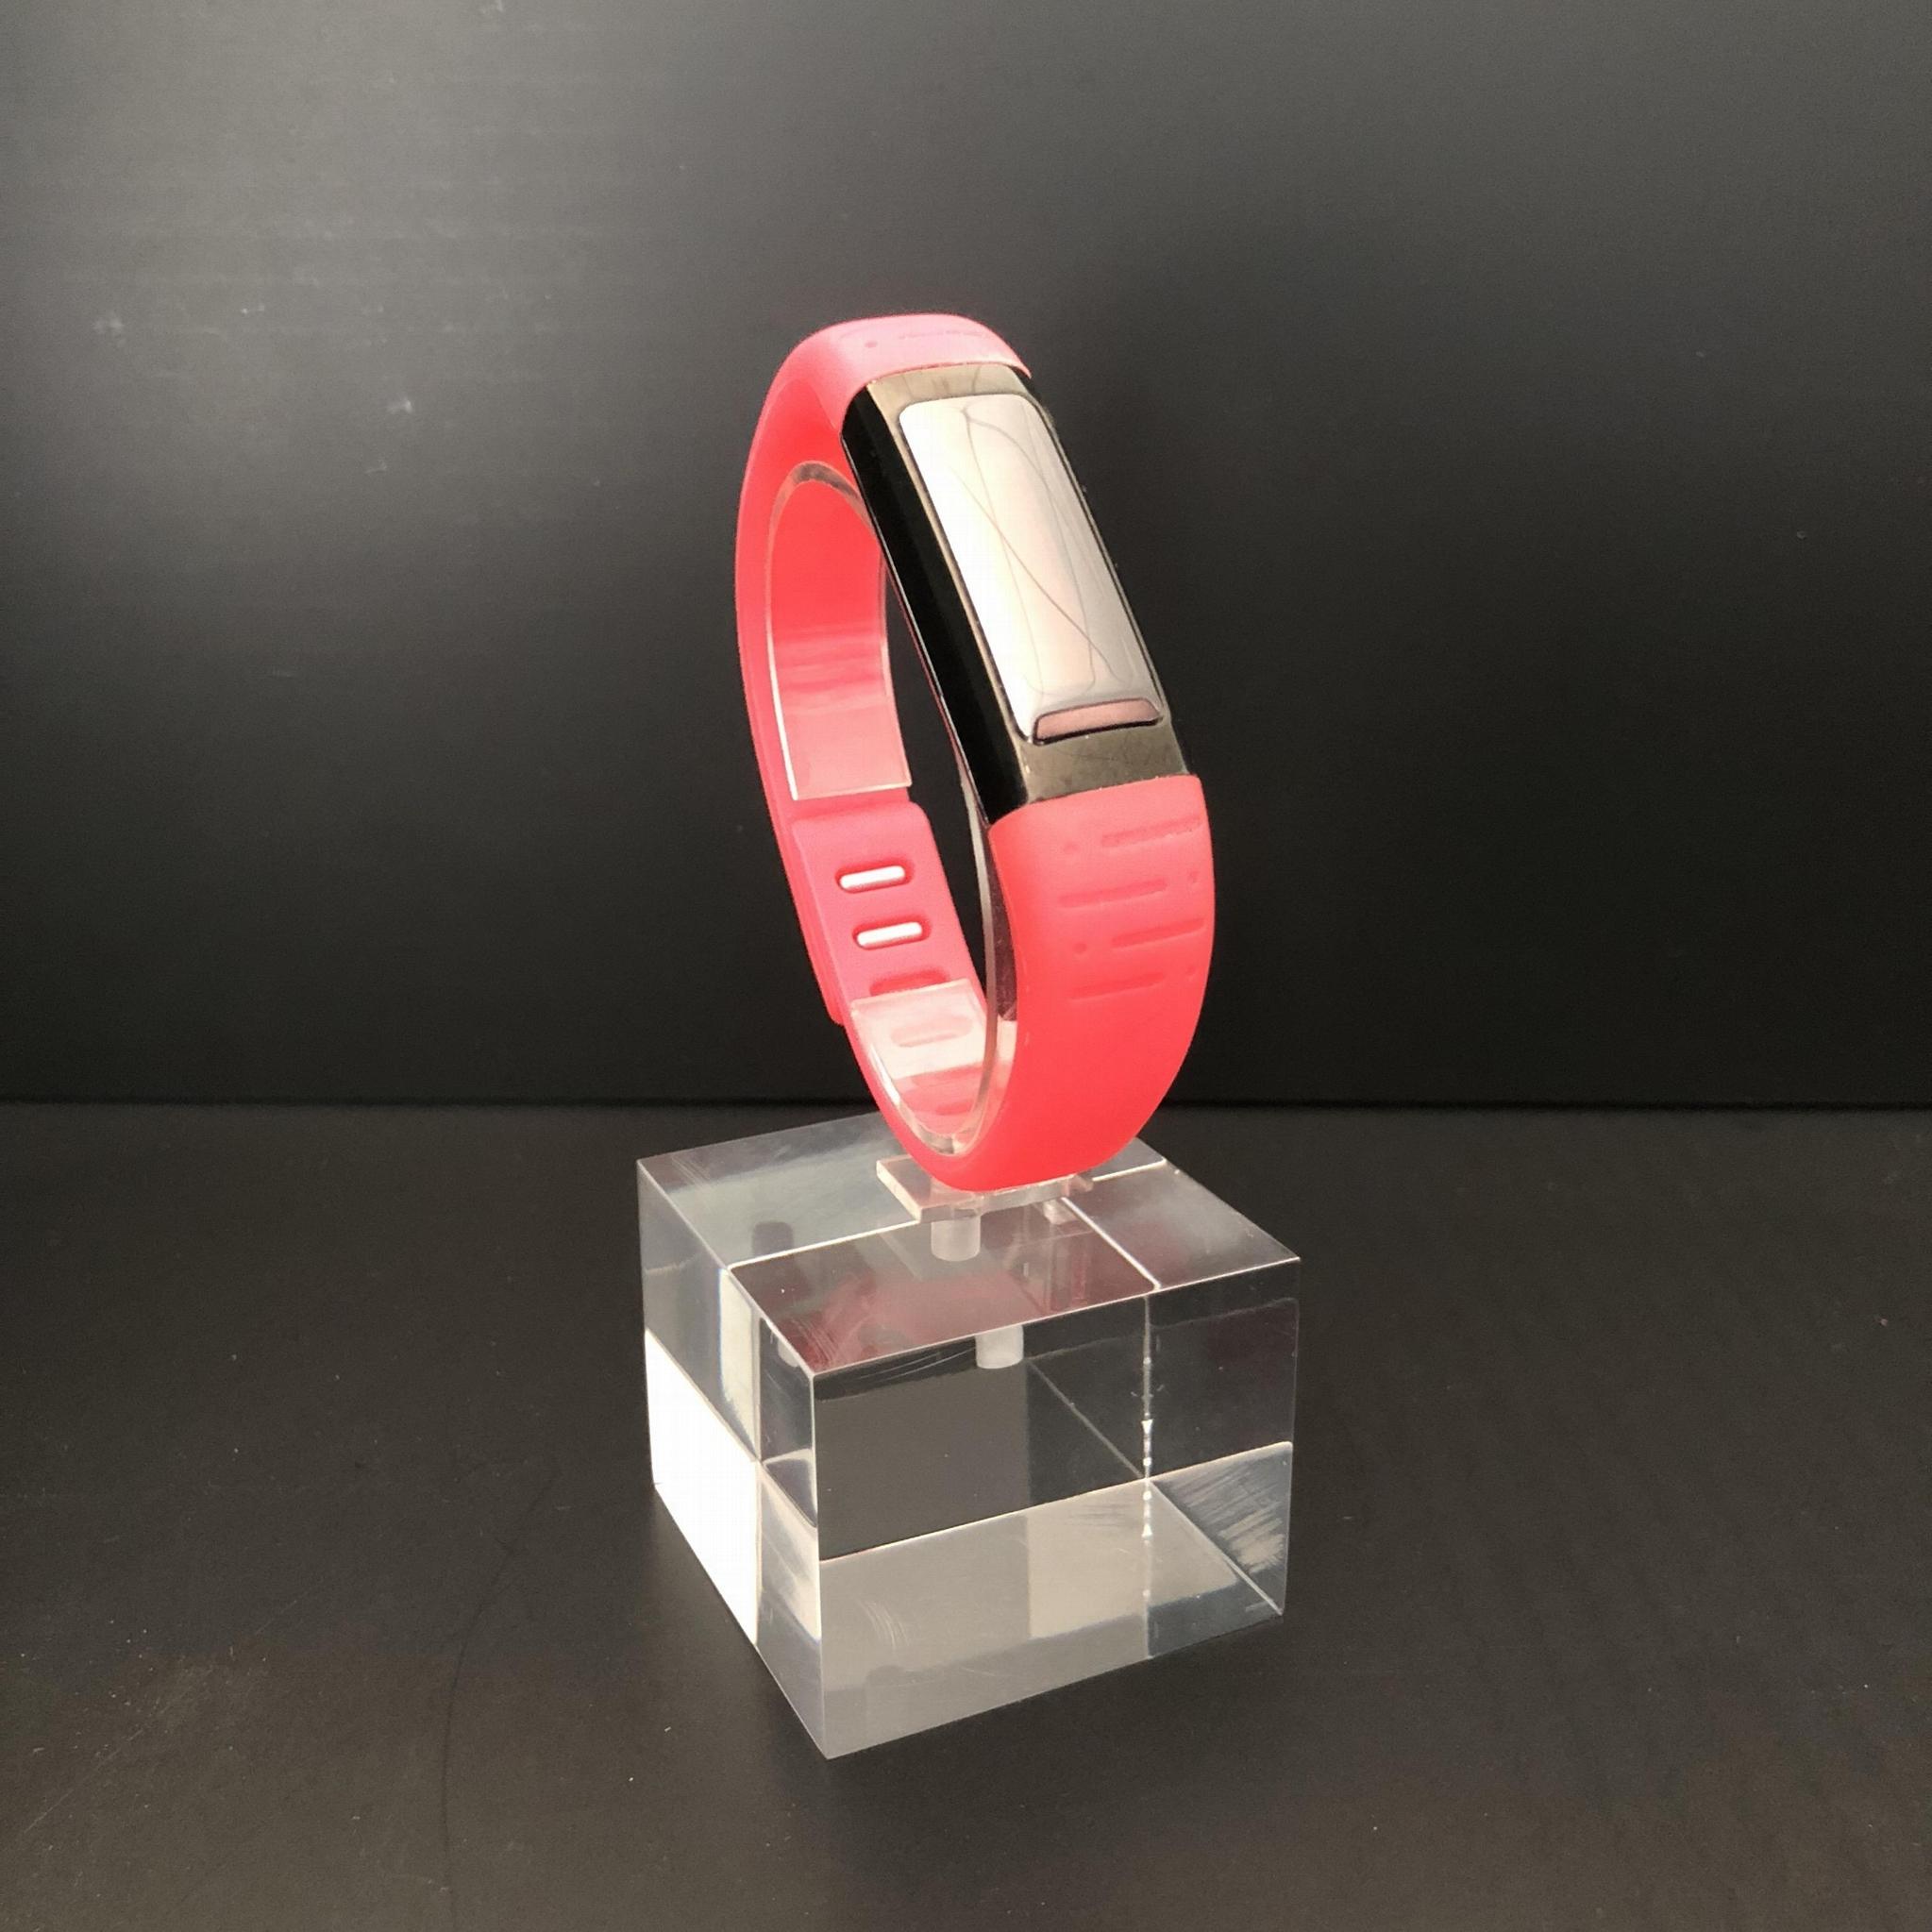 手錶展示架,手錶陳列展示,手錶陳列架,手錶落地展示架,手錶商品陳列架